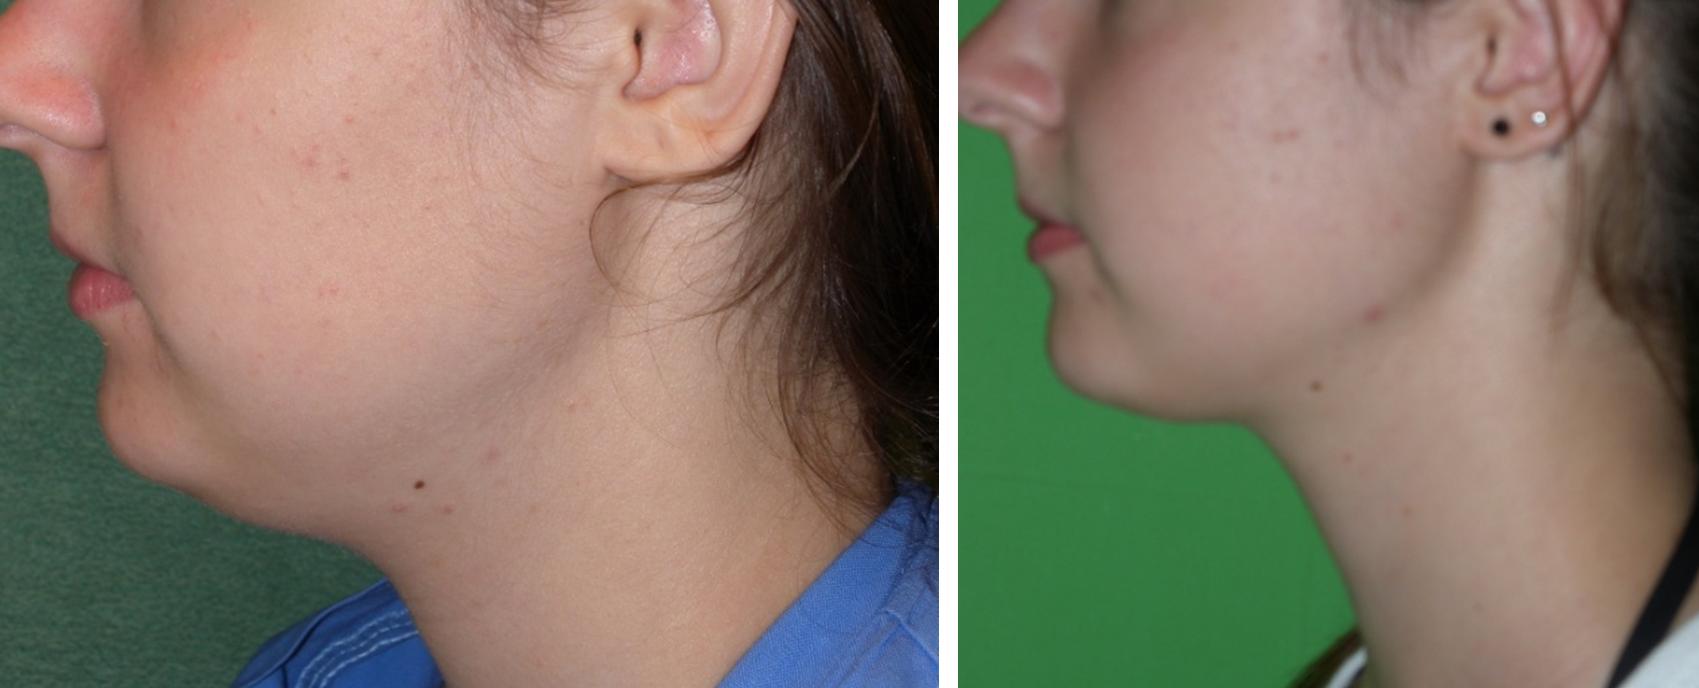 Toka zsírszívás műtét előtt és után. Fotó: Dr. Novoth - Dr. Végh